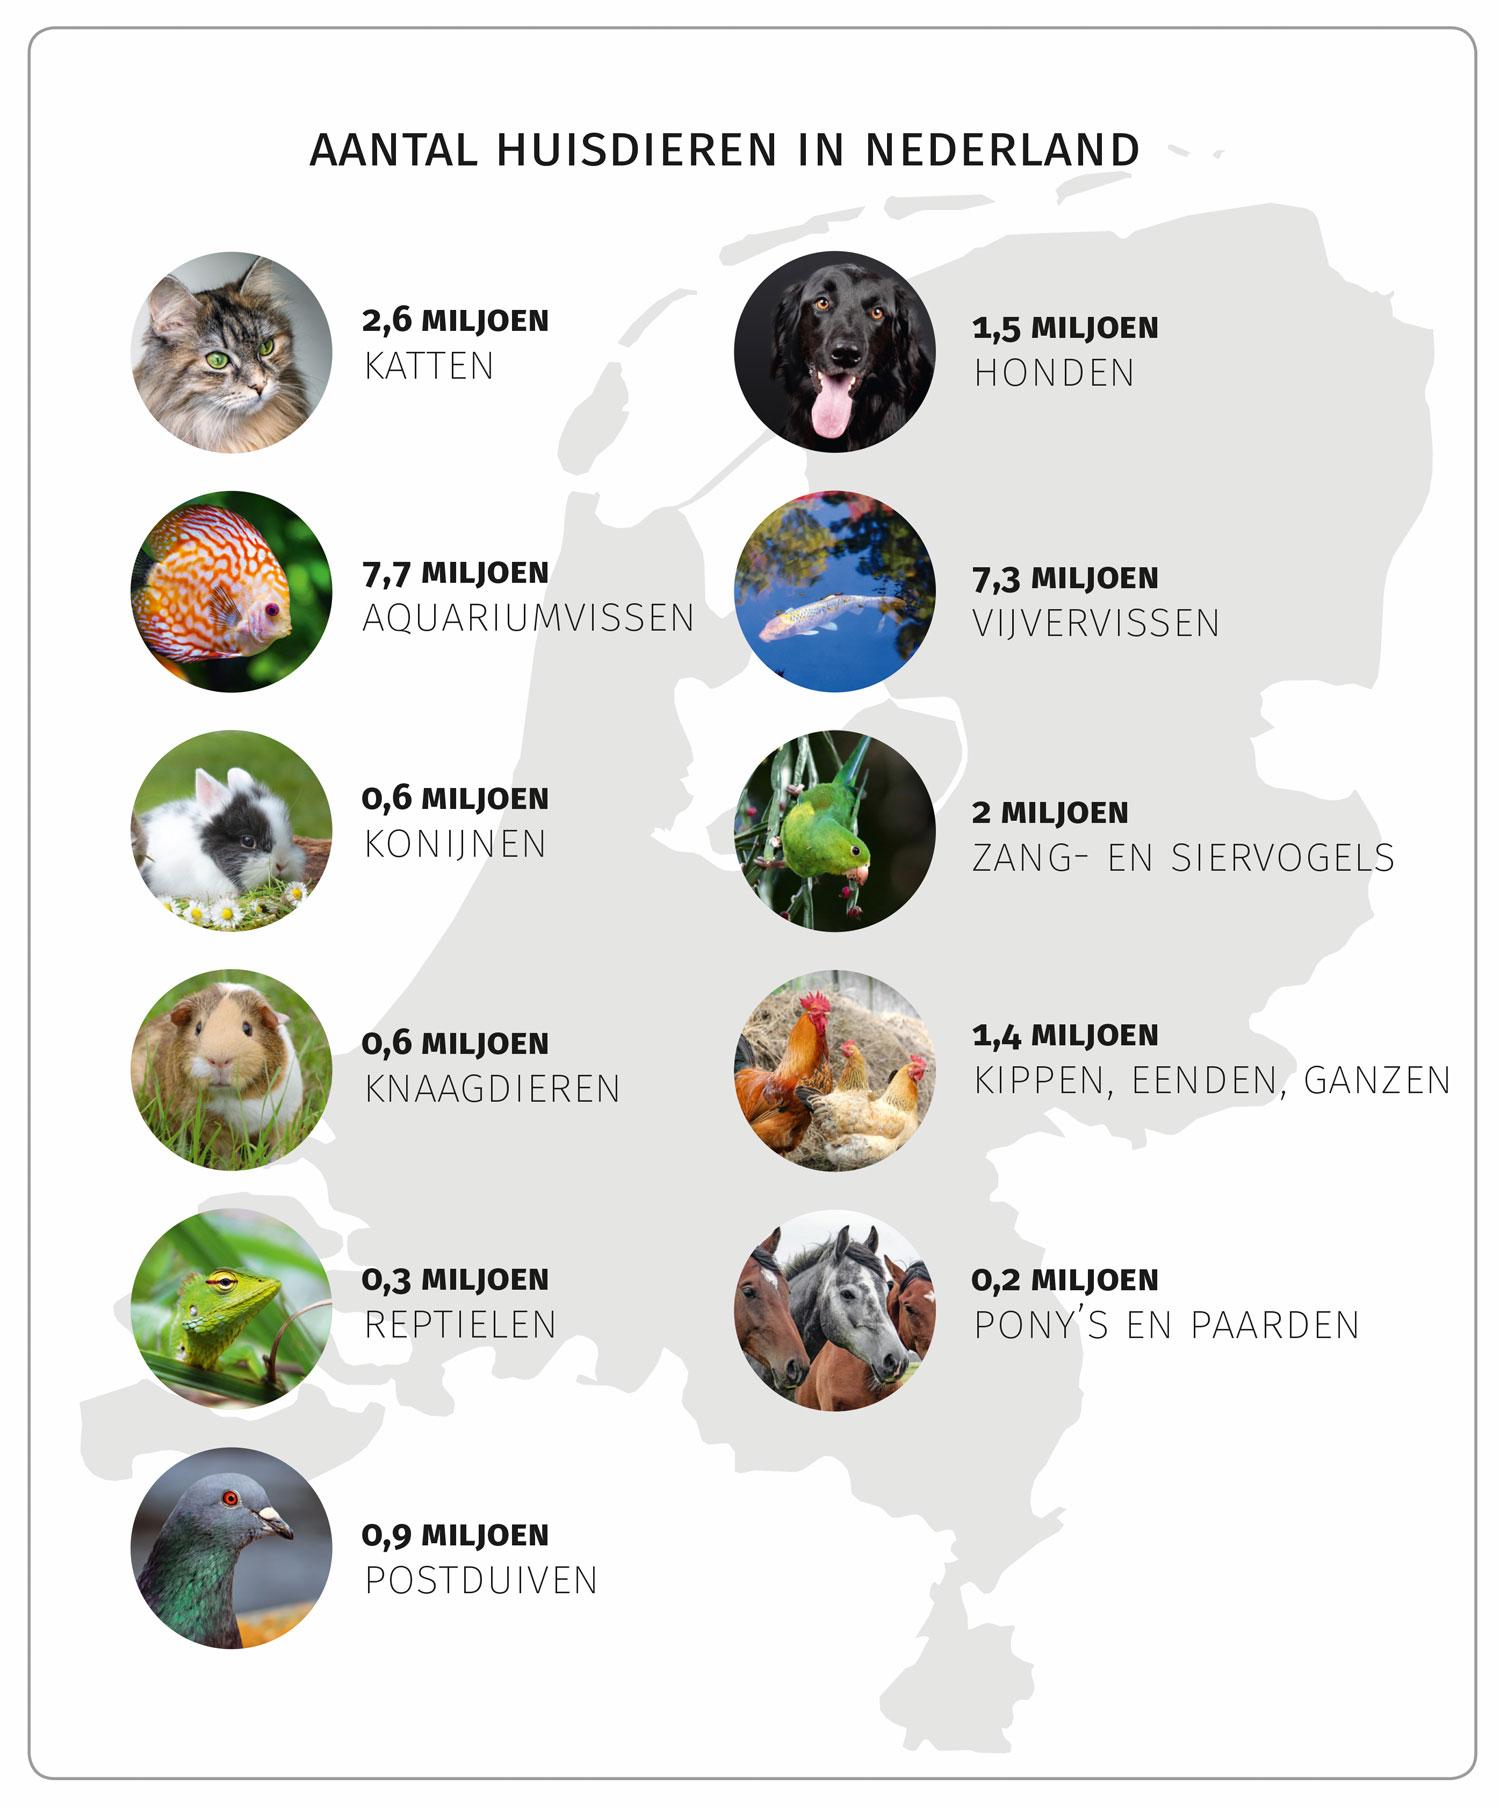 Aantal huisdieren in Nederland